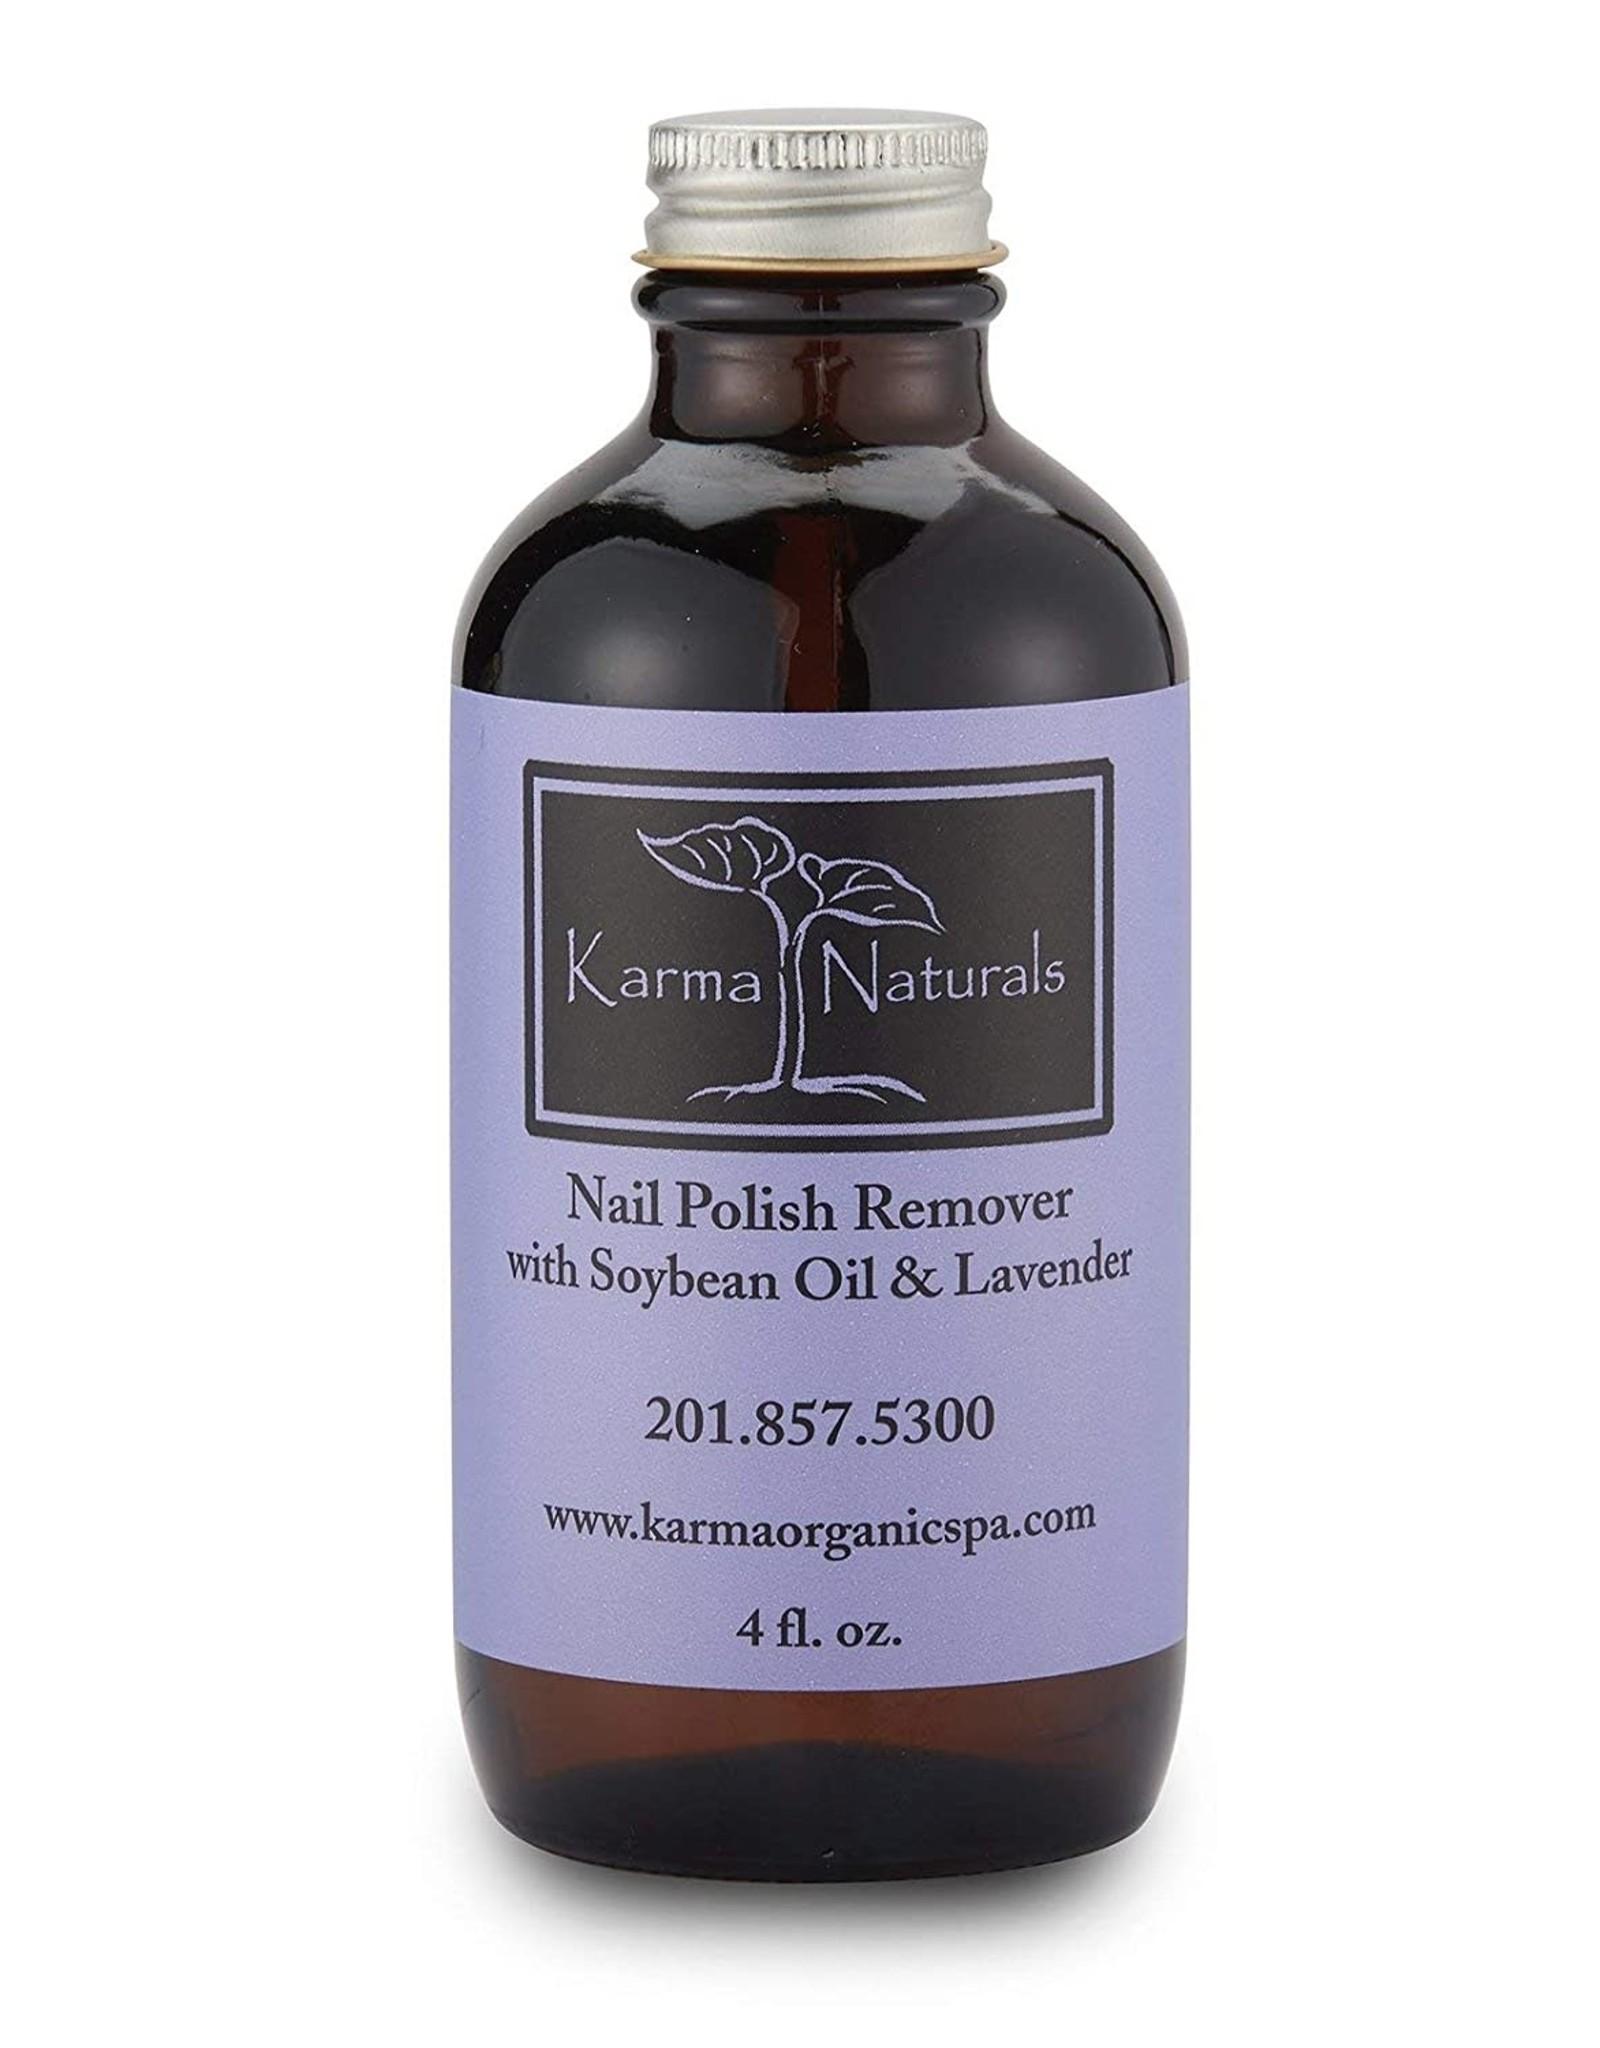 Karma Naturals Non toxic Nail Polish Remover